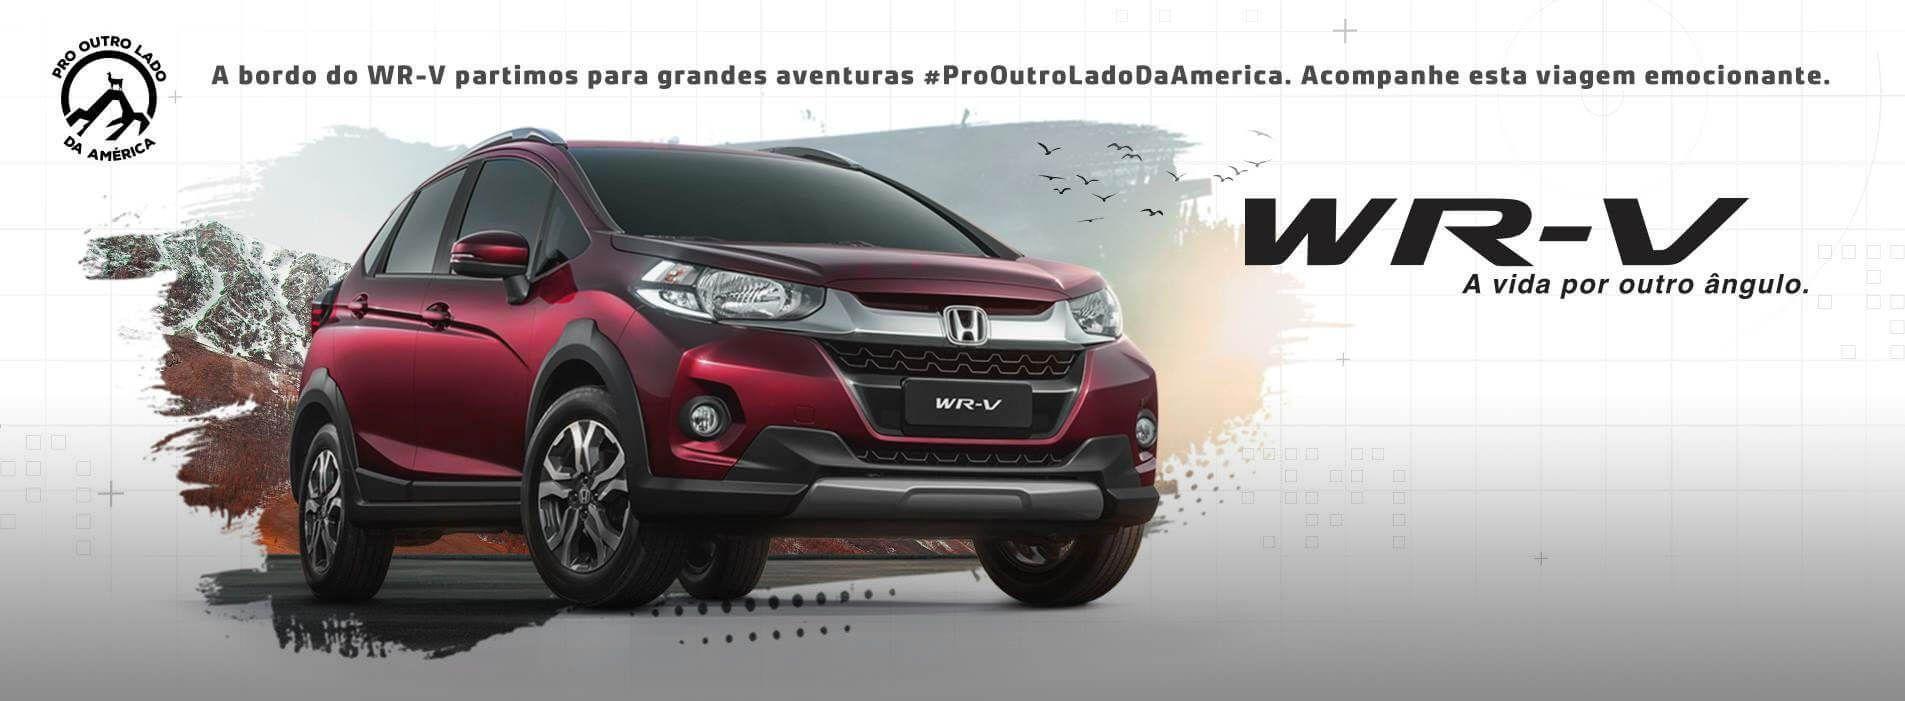 WR-V - Honda Gendai - Você na direção certa - Criciúma, Tubarão e Araranguá